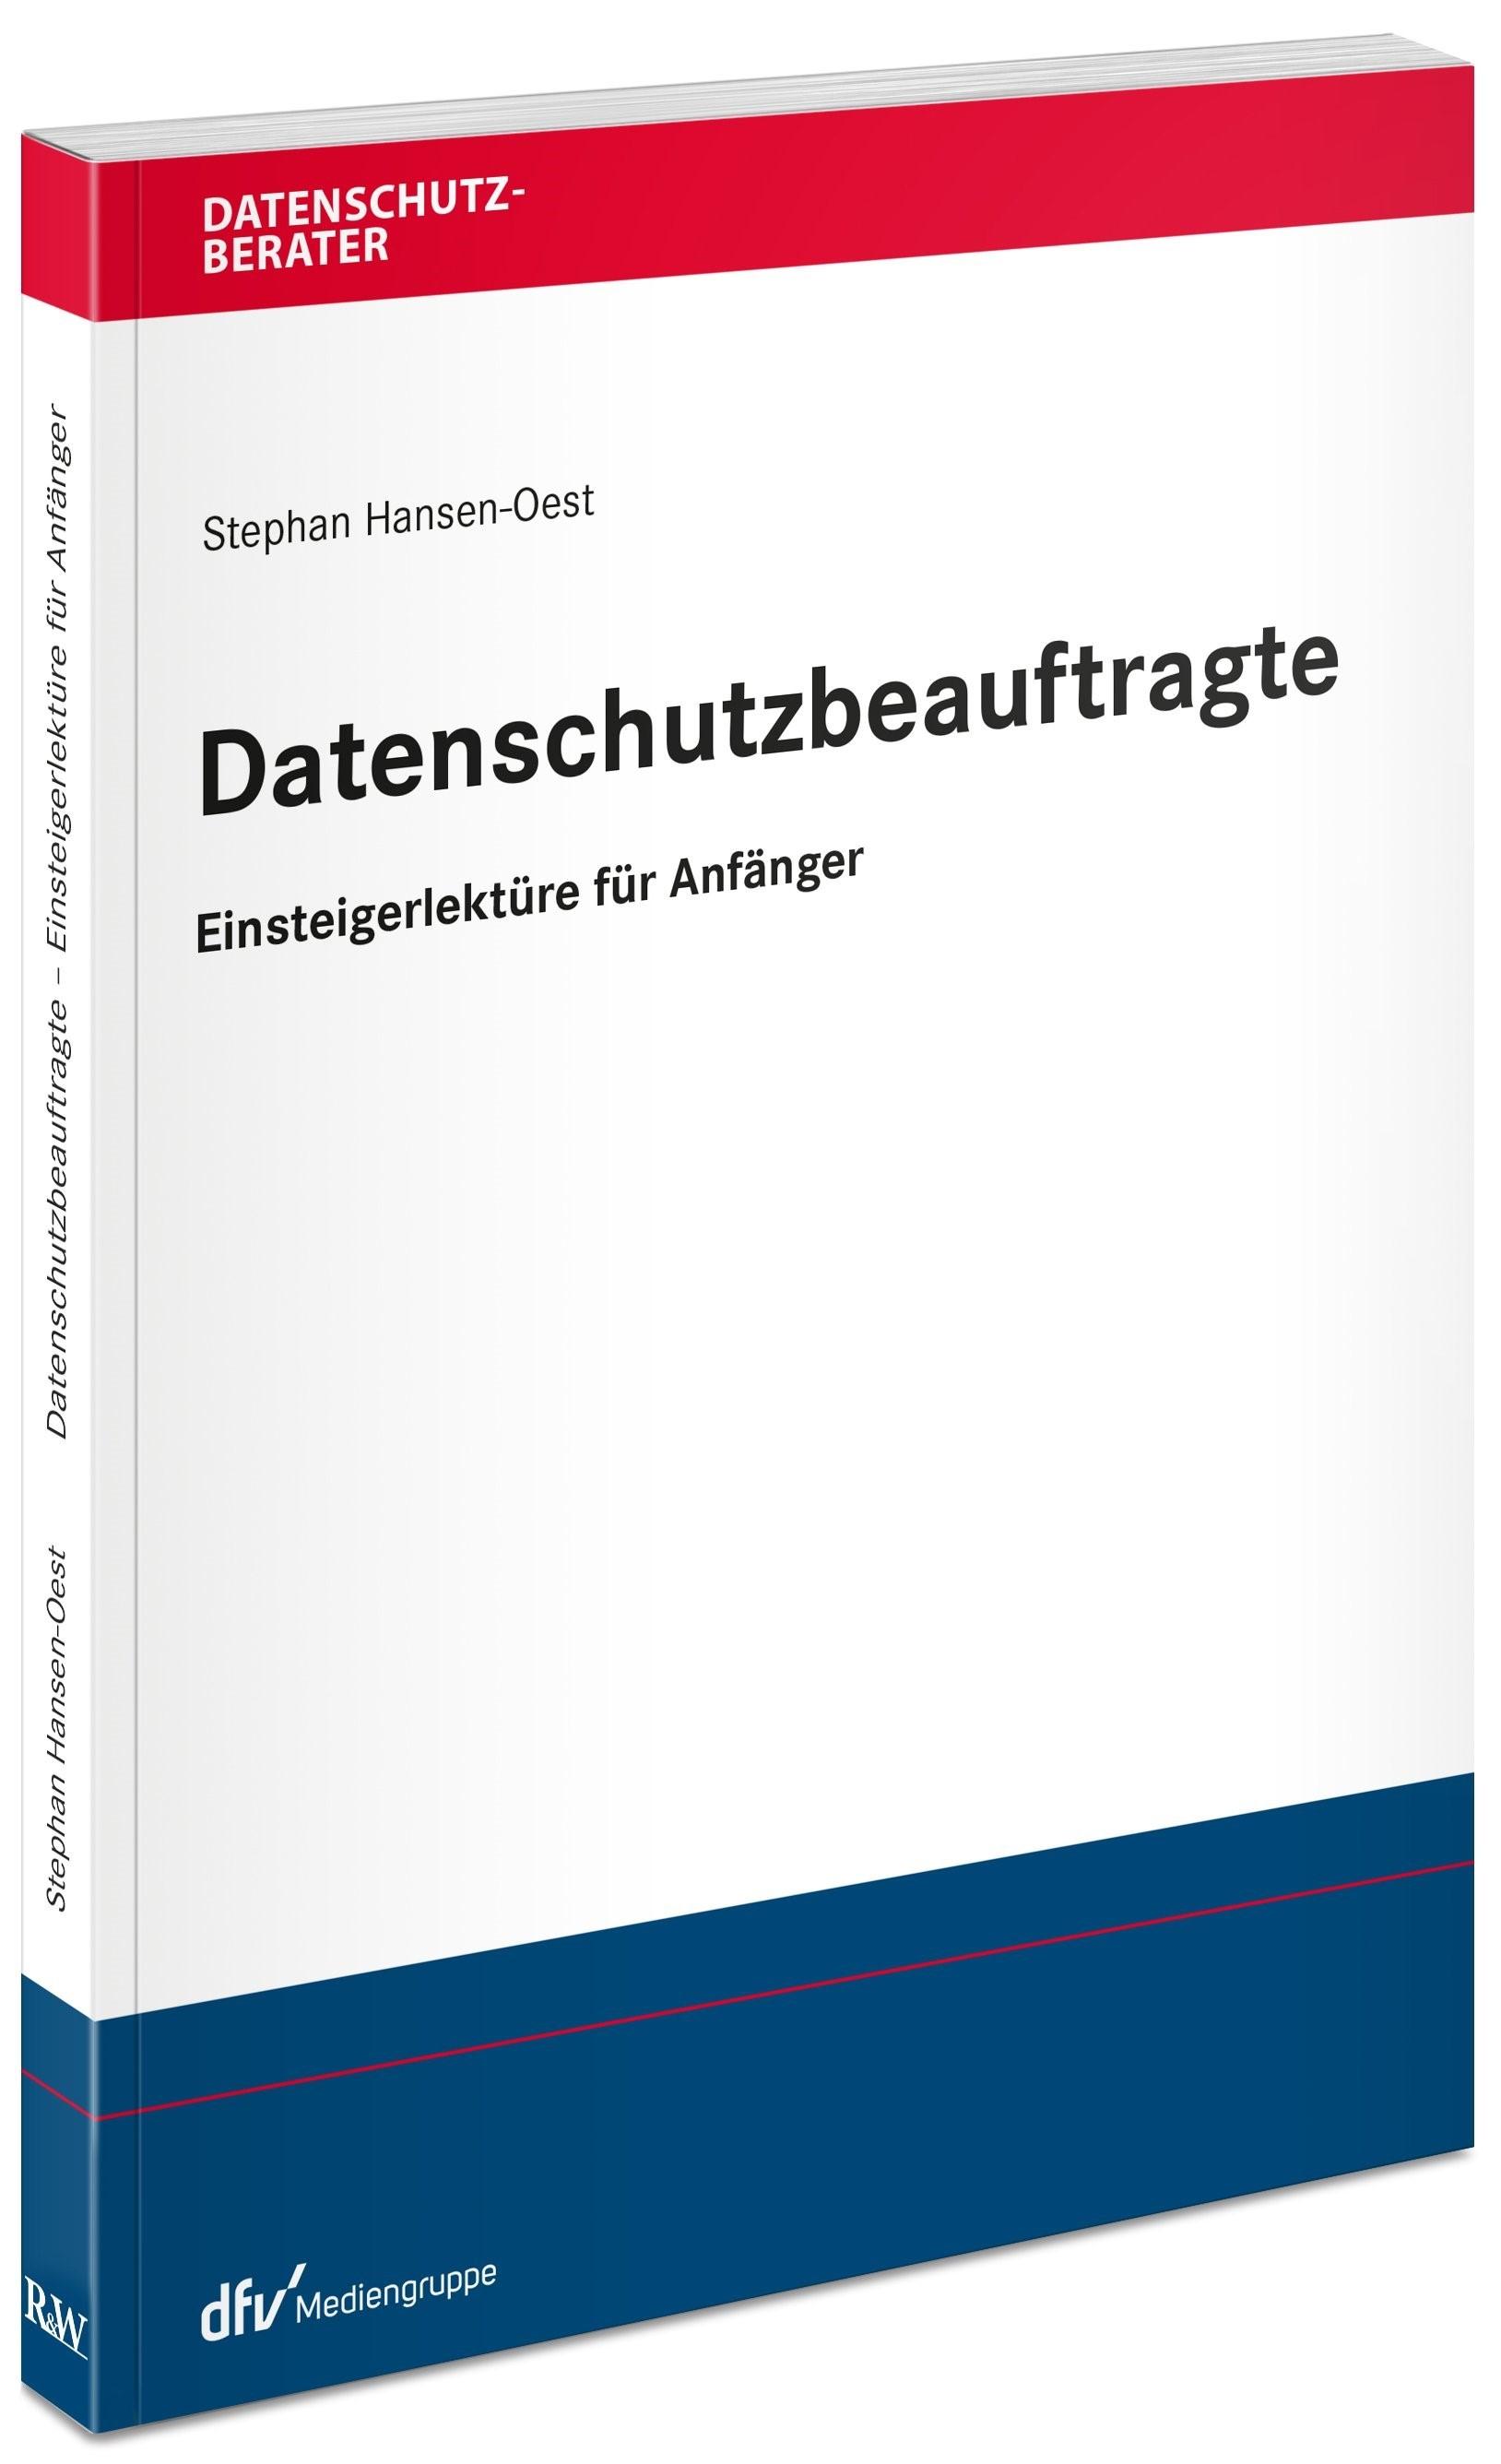 Abbildung von Kramer | Einstieg leicht gemacht - Ihr neuer Job als Datenschutzbeauftragter | 2., aktualisierte und erweiterte Auflage | 2019